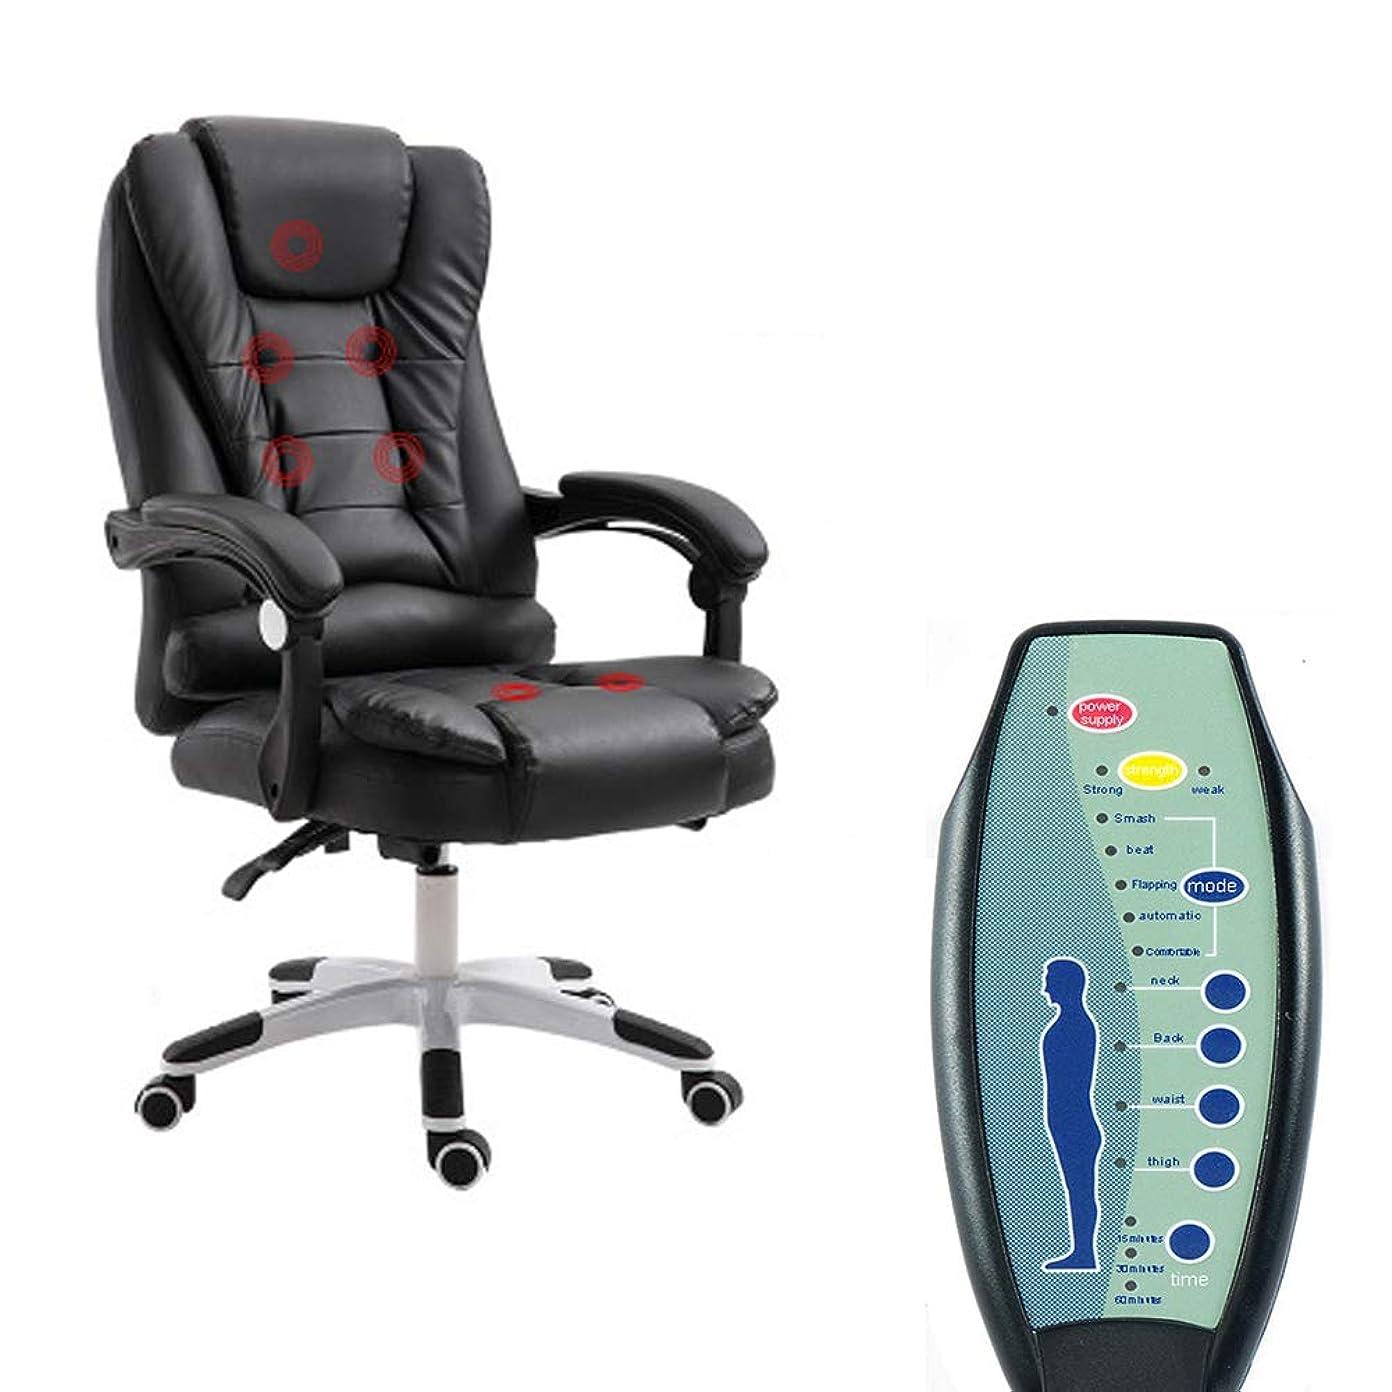 退化するトースト入射オフィスチェア、人間工学に基づいた椅子、7点マッサージコンフォートリクライニングハイバックチェアオフィスチェア、人工皮革回転可能なコンピュータの机と椅子、柔らかい発泡シートクッション